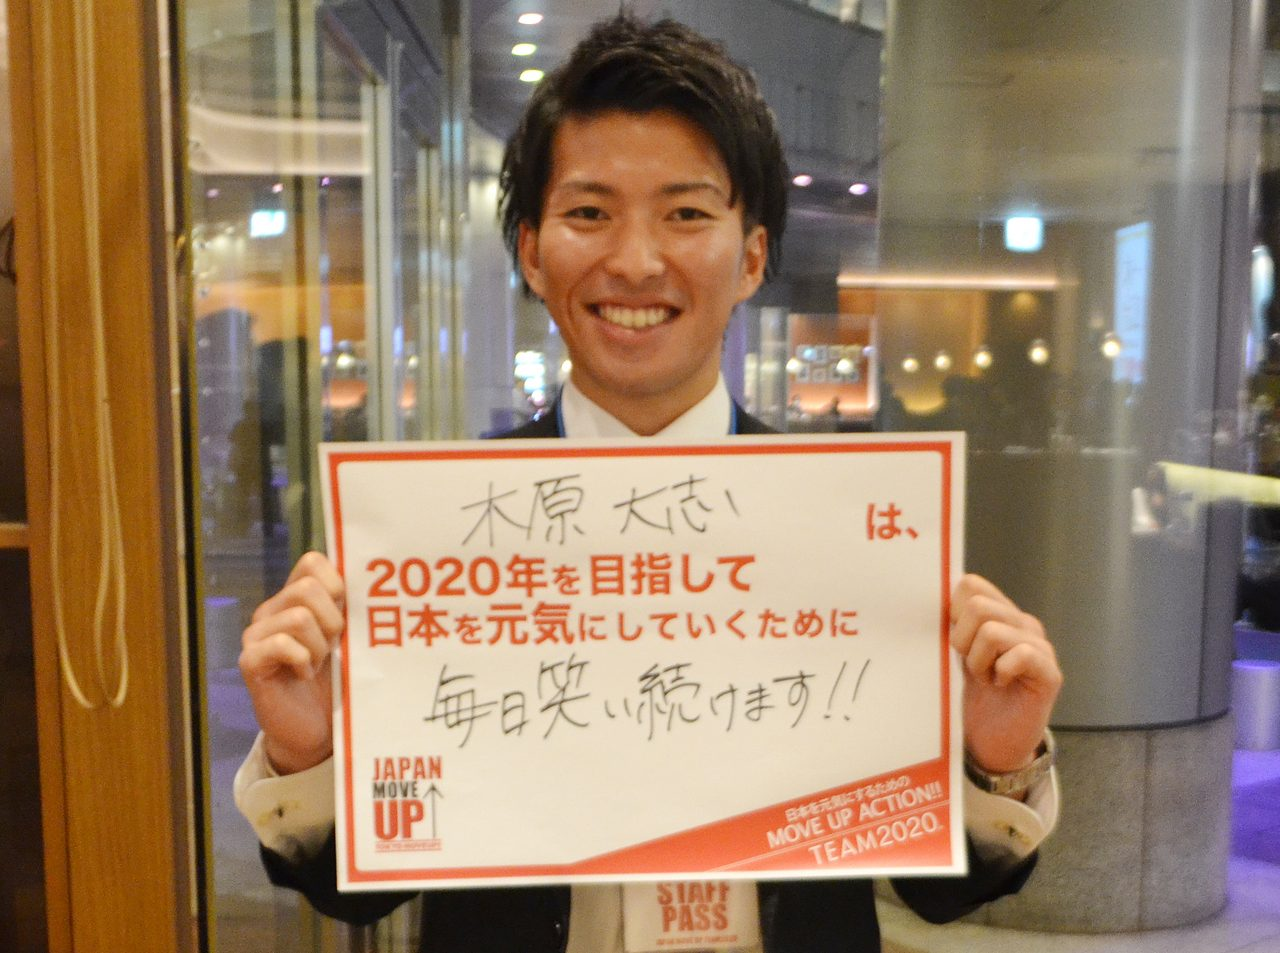 画像: 今日のアクション宣言!日本を元気にするために自分ができること…「毎日笑い続けます!!」